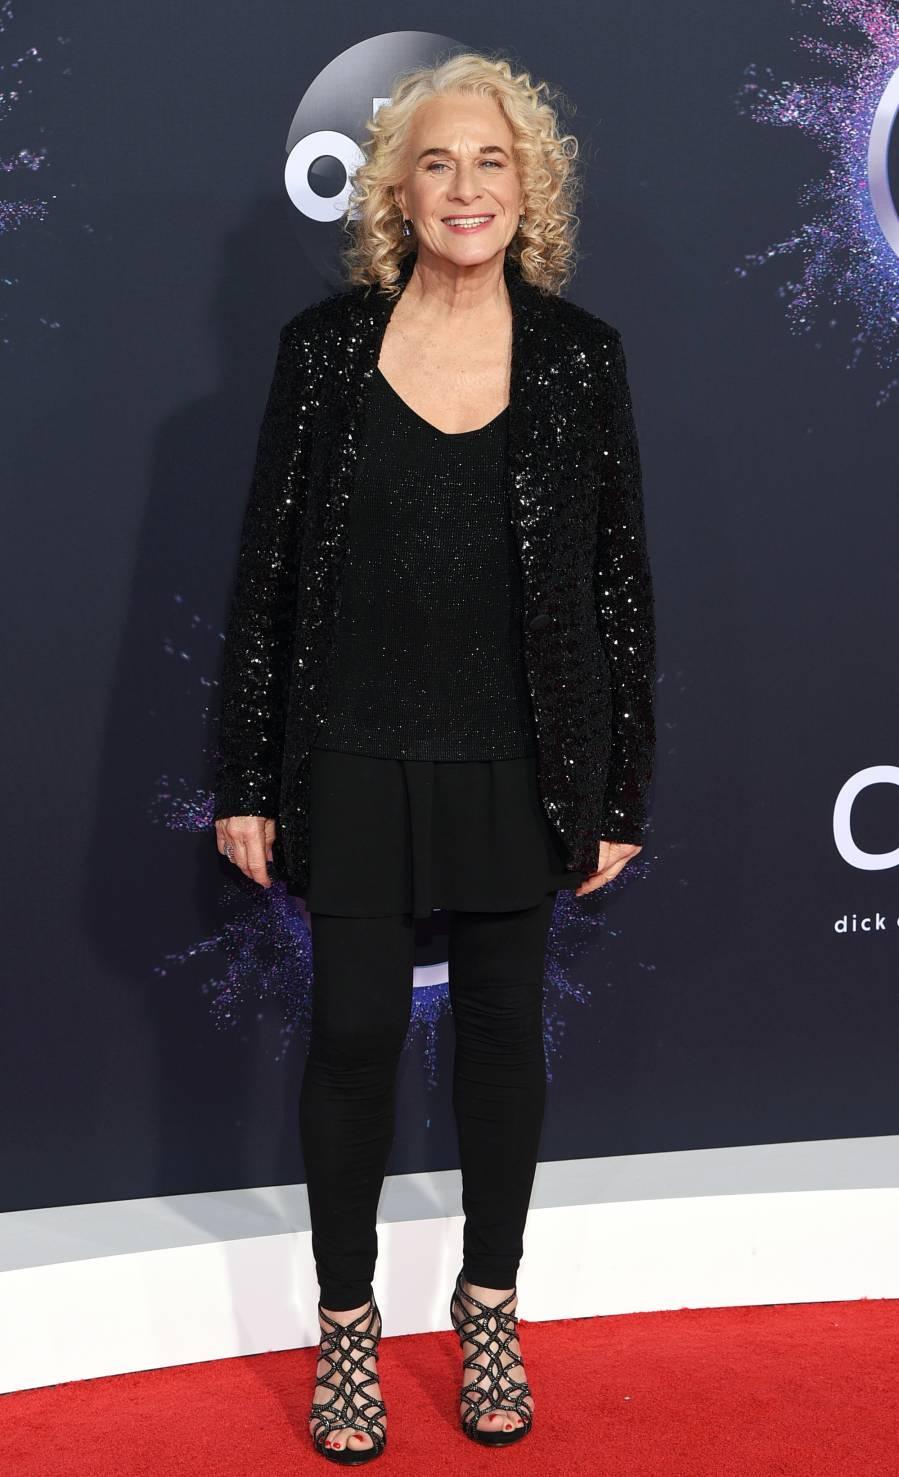 AMAs 2019 - Carole King